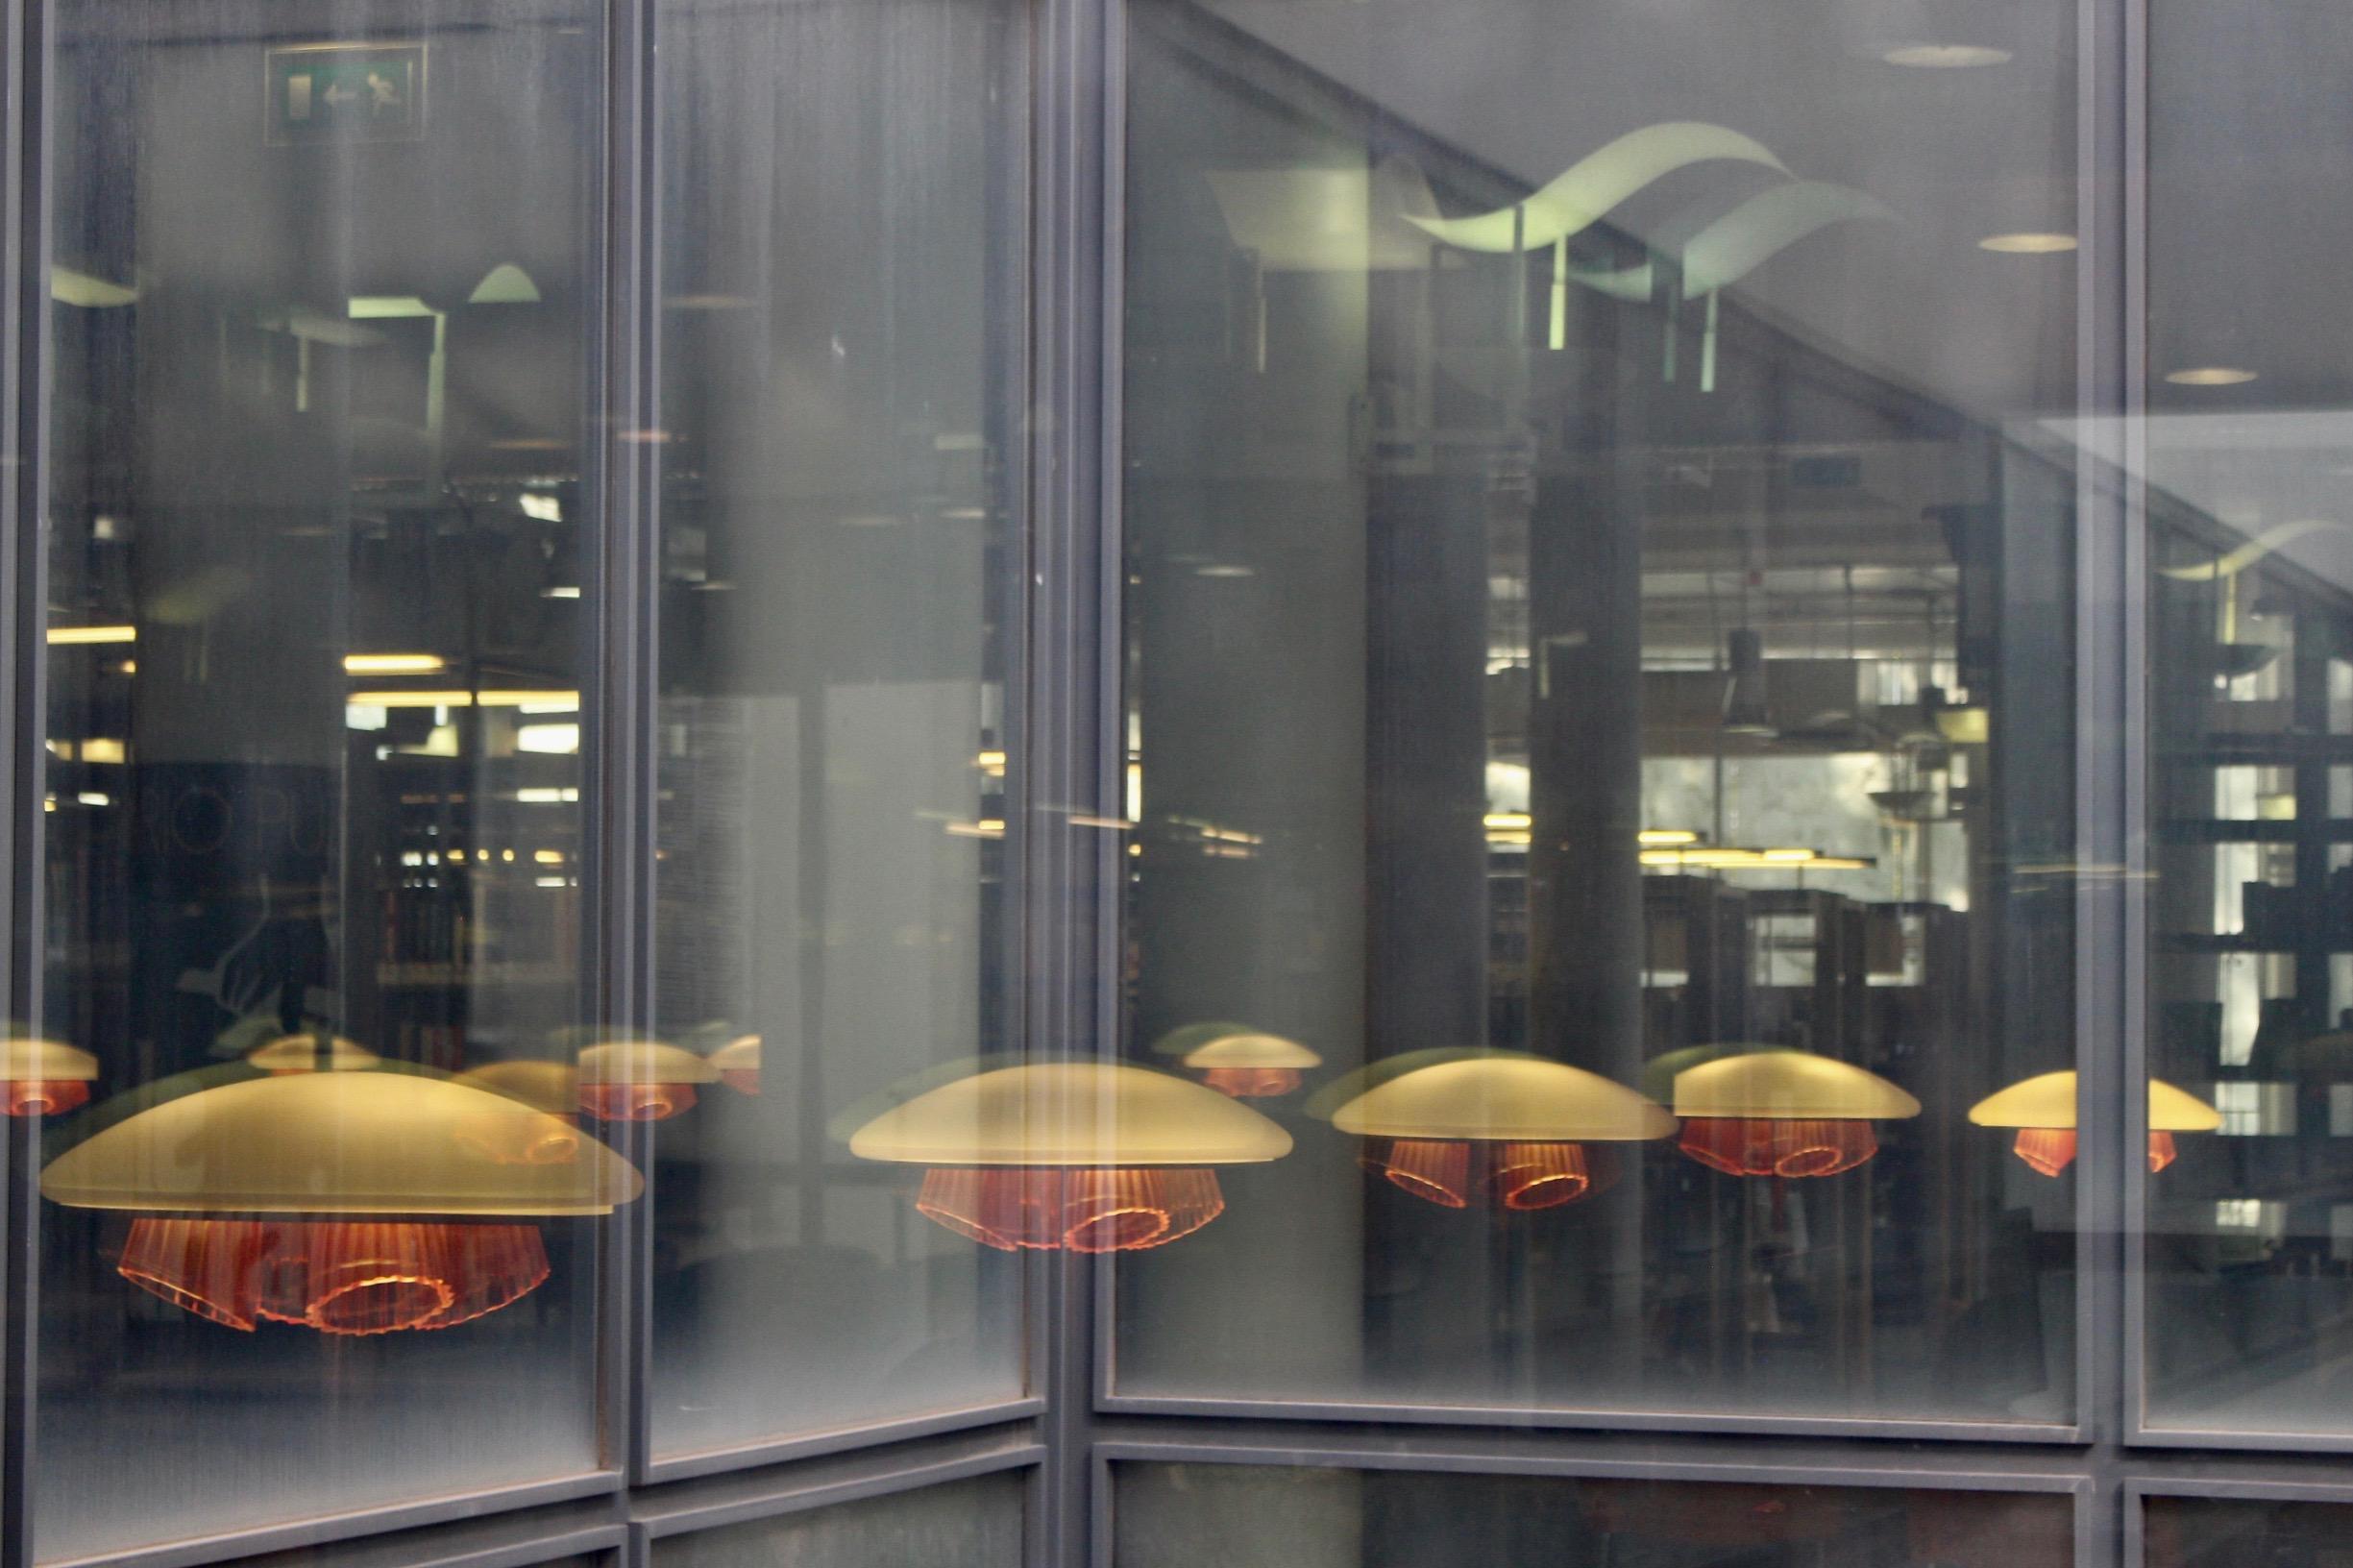 Bibliothèque De Fontenay Sous Bois mots/animaux : randonnée en bibliothèque avec anne simon